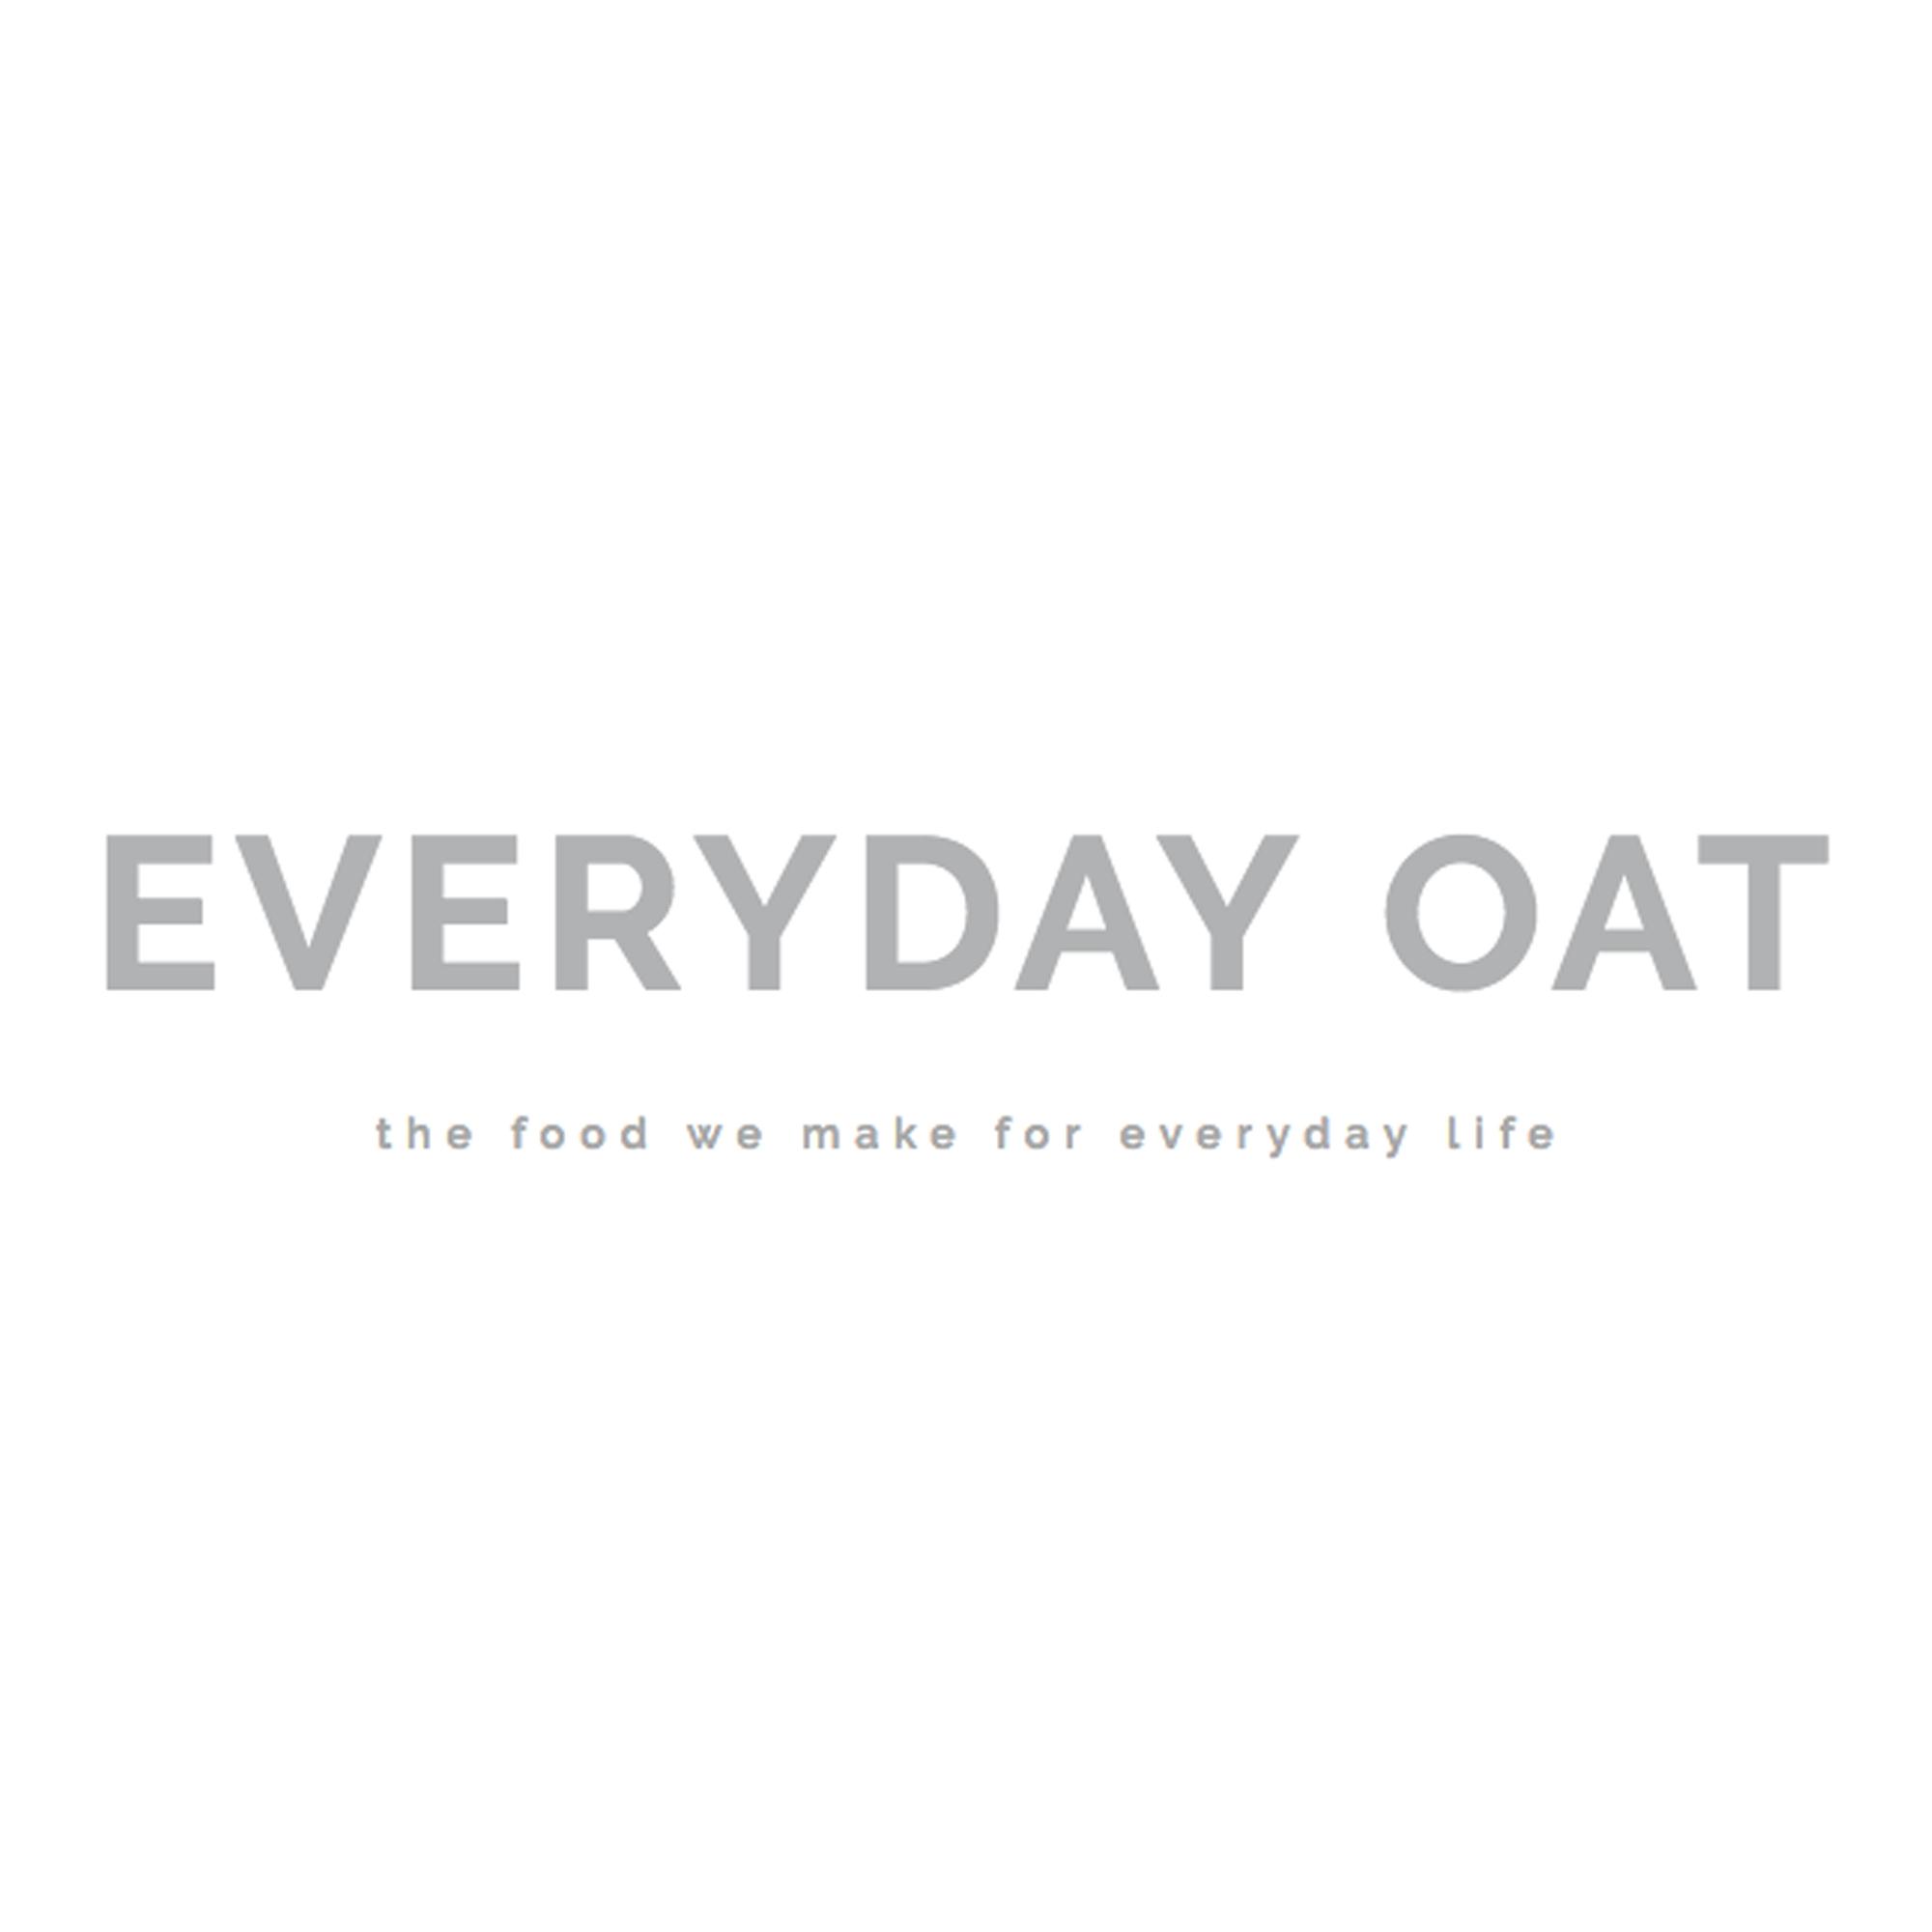 Everyday Oat